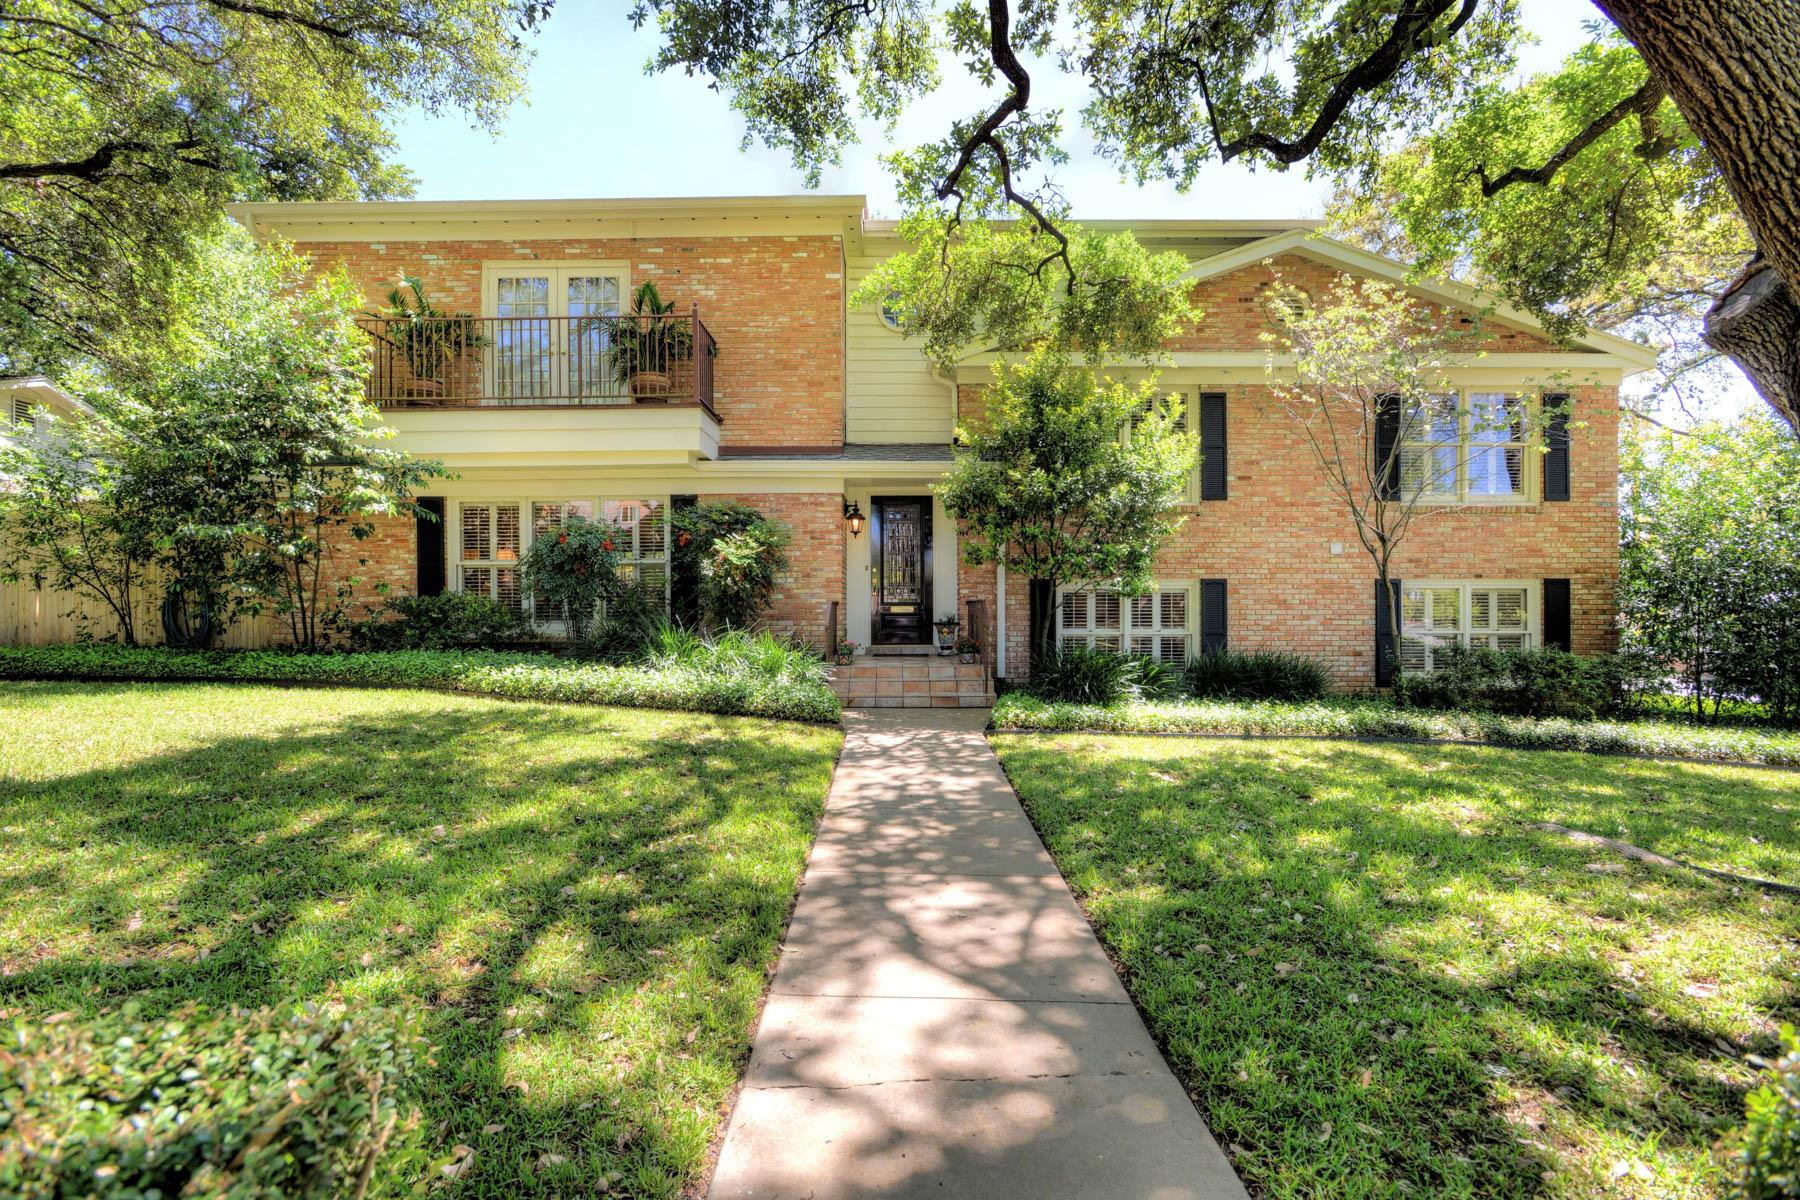 Maison unifamiliale pour l Vente à Family Home in Meadow Wood Estates in AHISD 2206 Briarwood Dr San Antonio, Texas, 78209 États-Unis